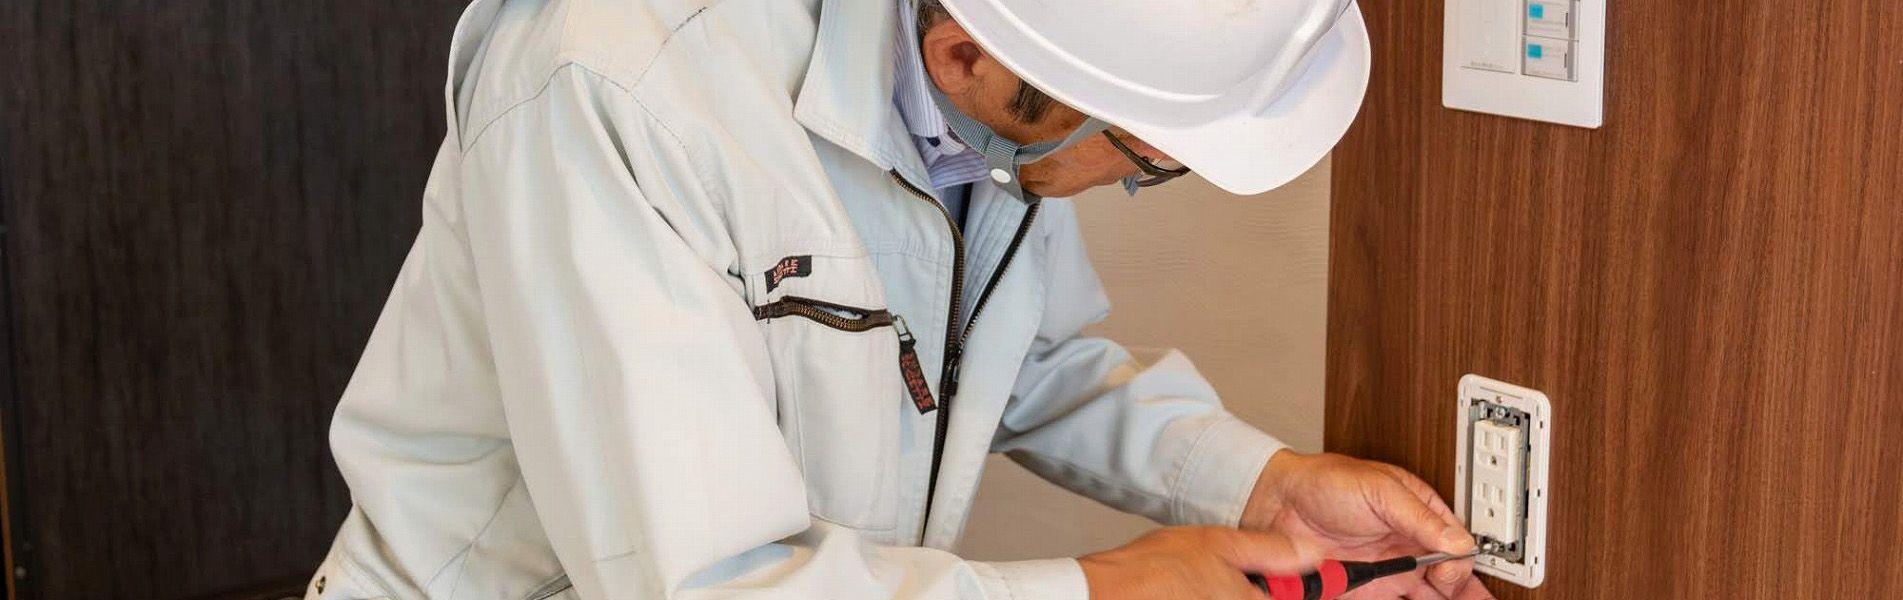 立石電器産業株式会社